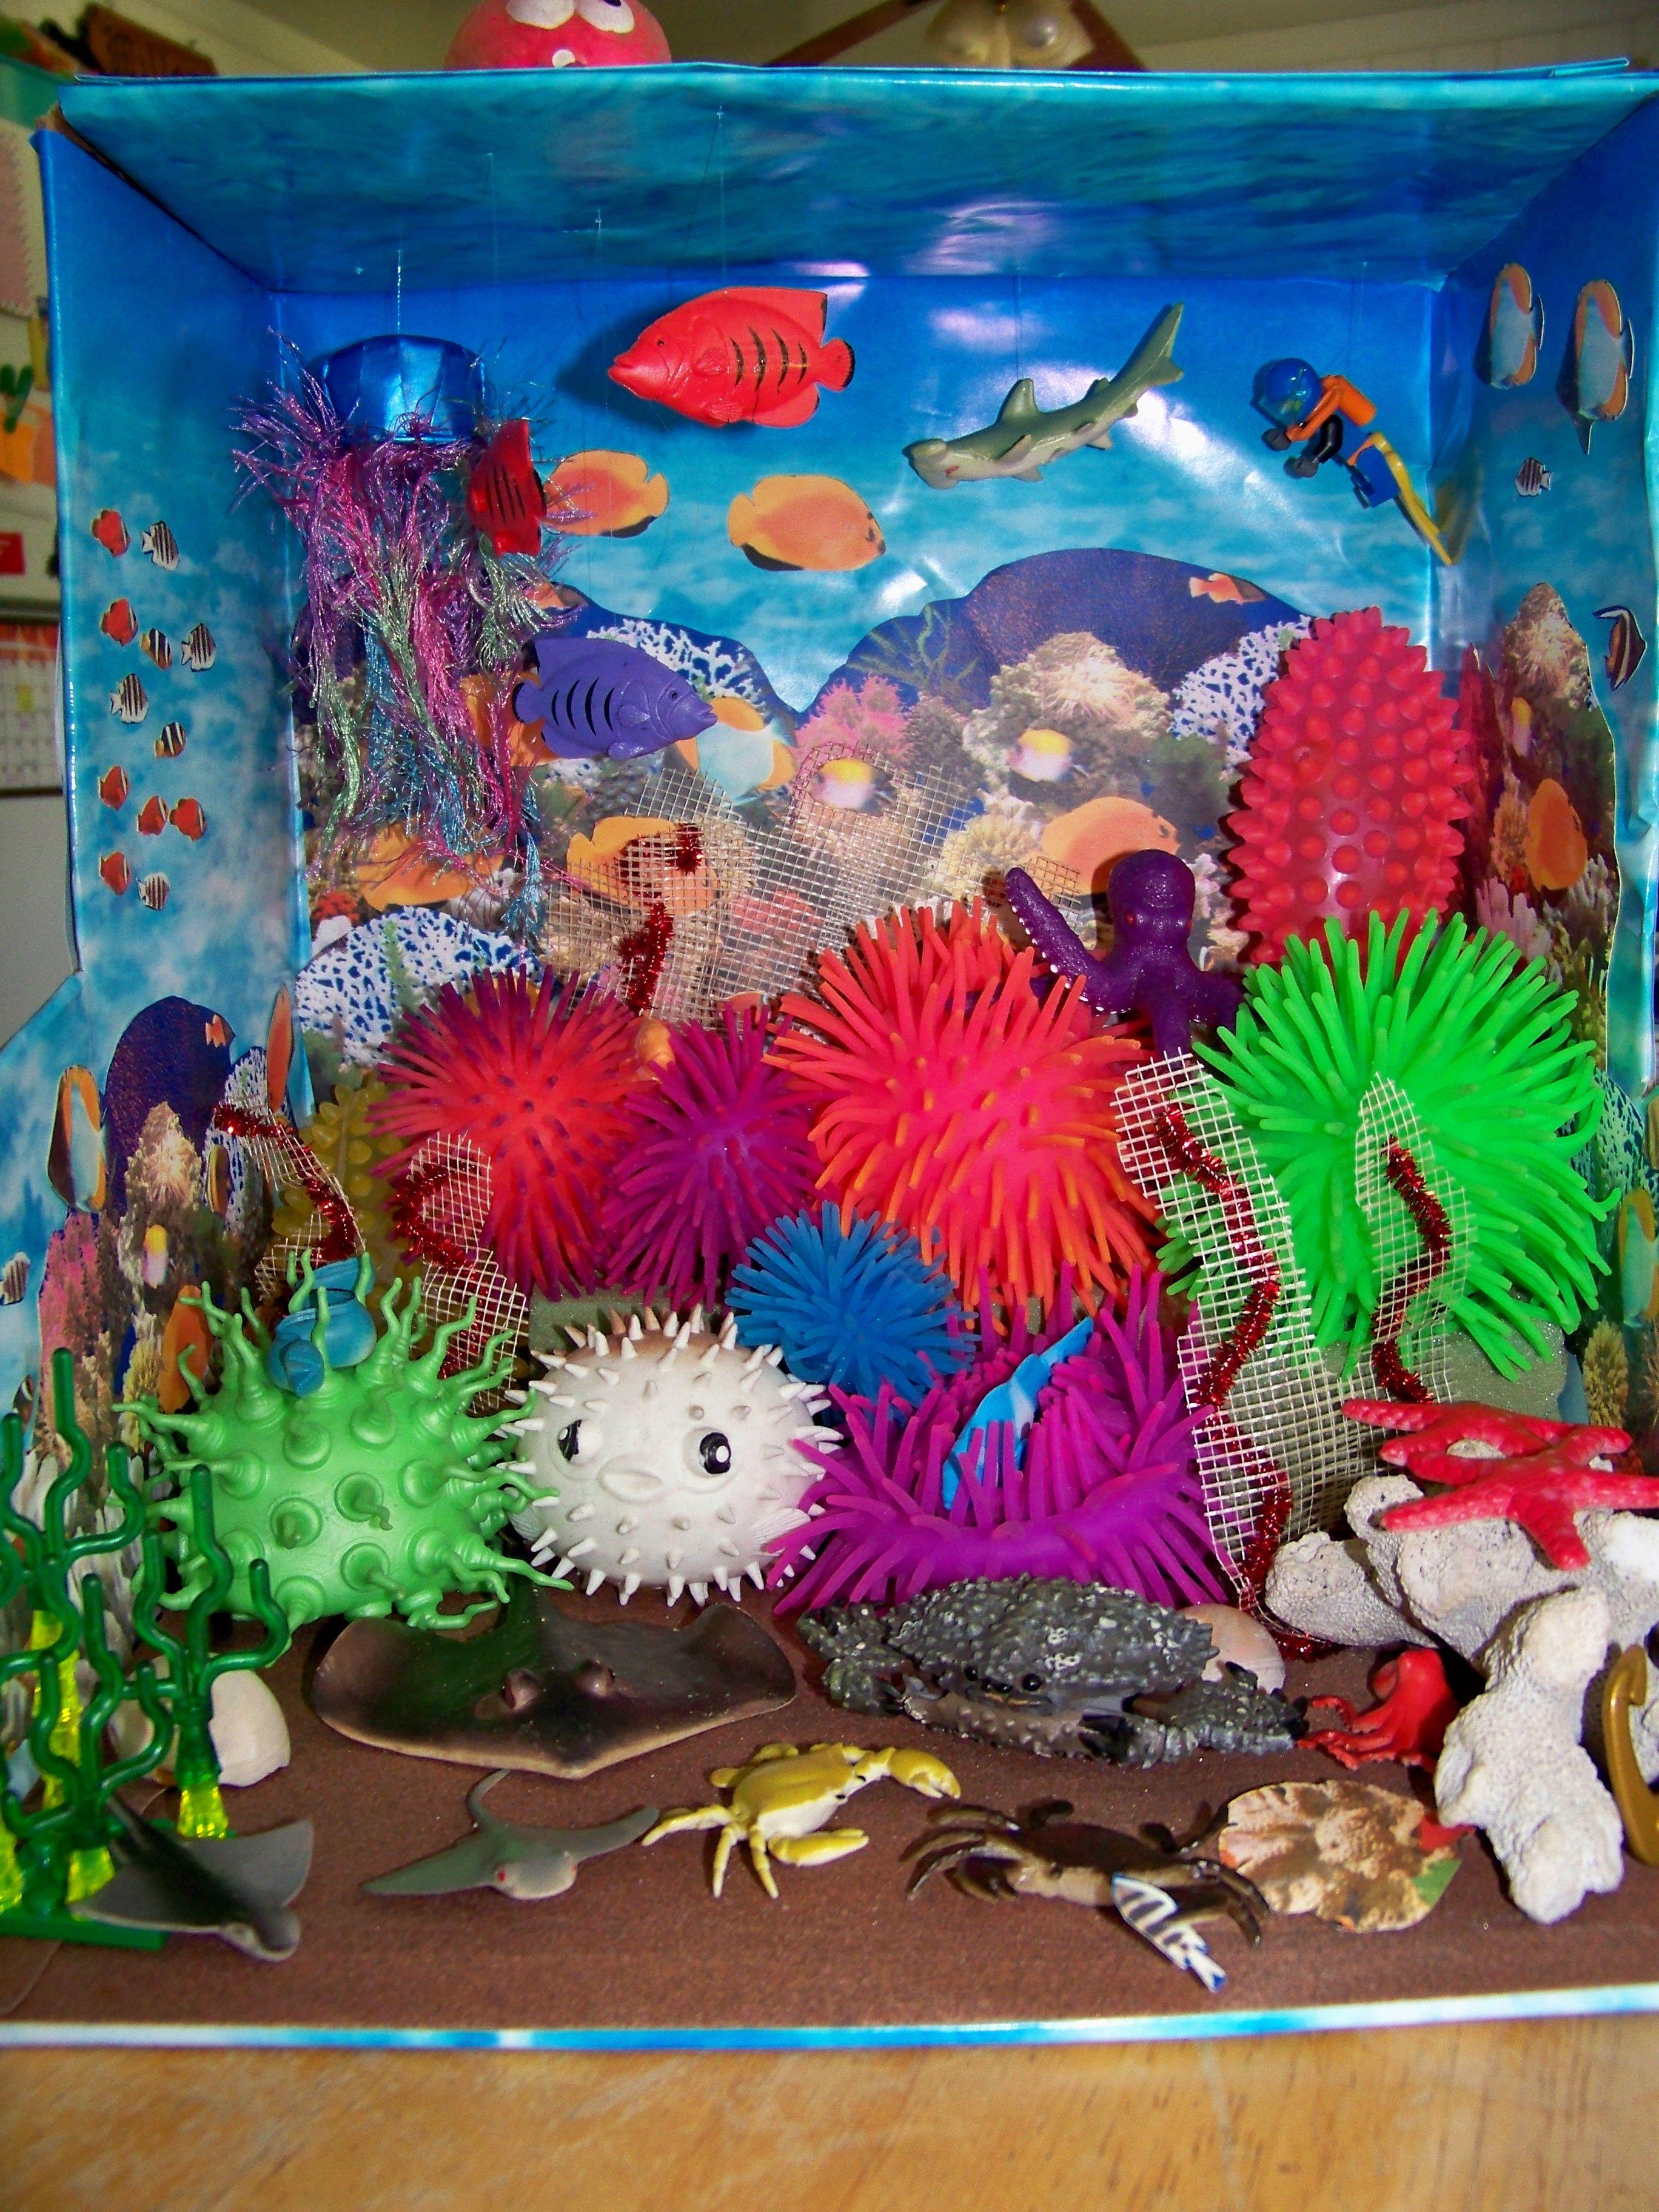 bbe0b3e1836286c06124d5f2f1b87f2e Incroyable De Aquarium Deco Des Idées